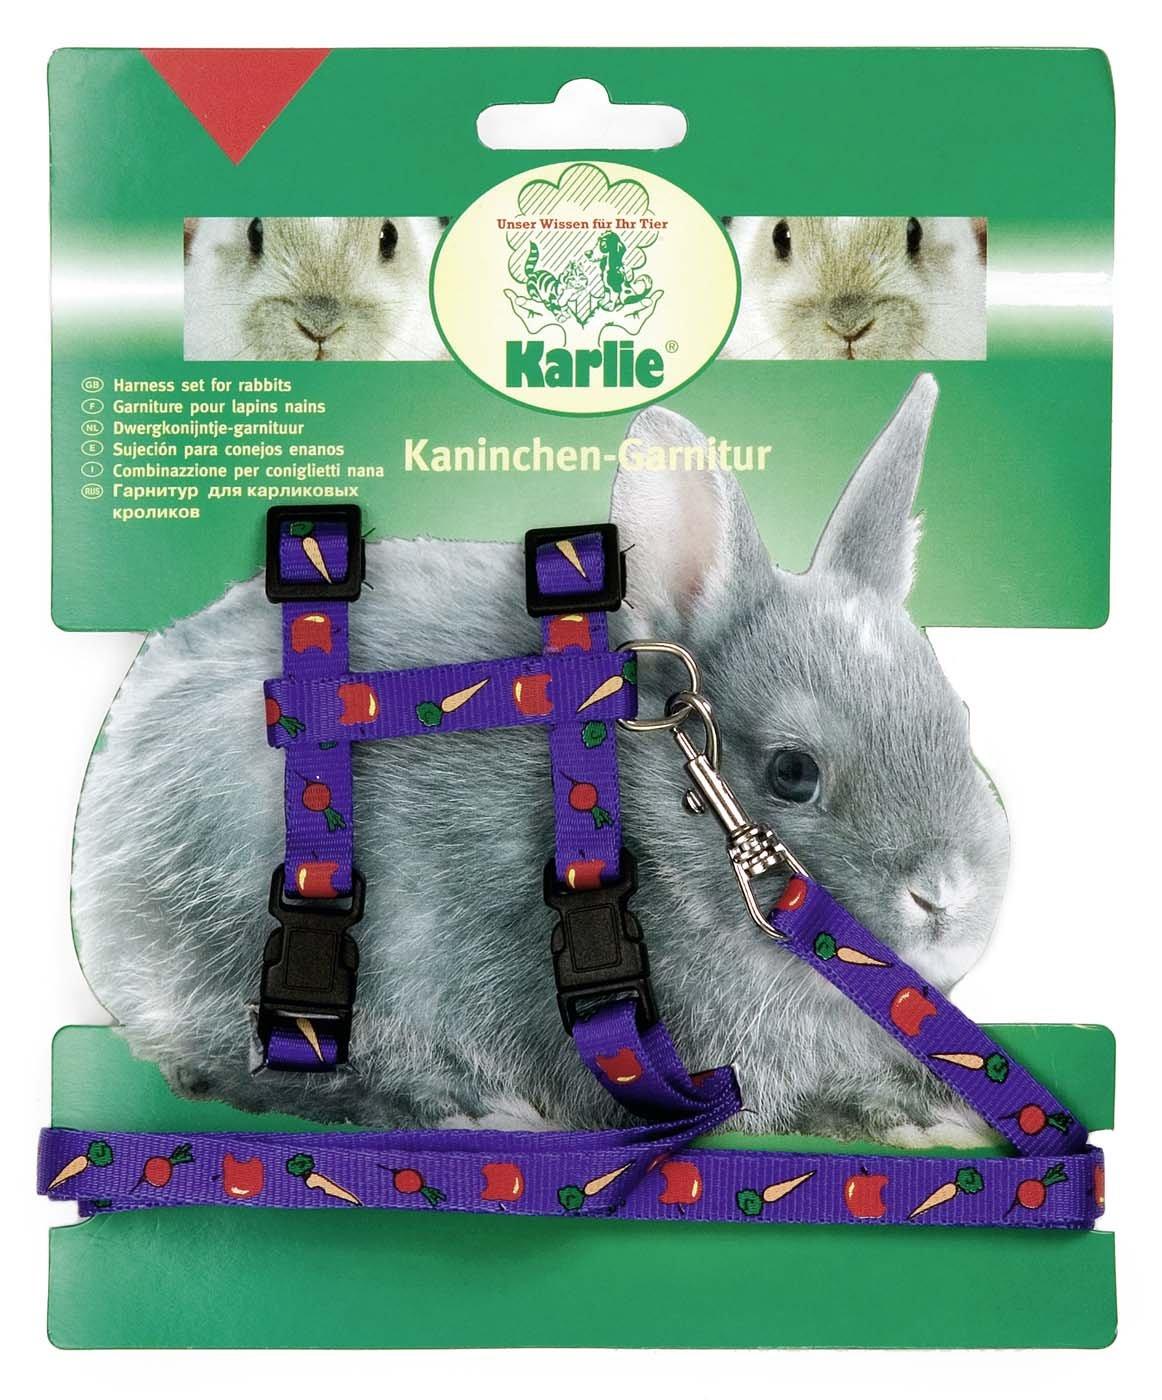 Karlie Geschirr Und Leine mit Motiv für Kaninchen, in 3 Farben KA86018